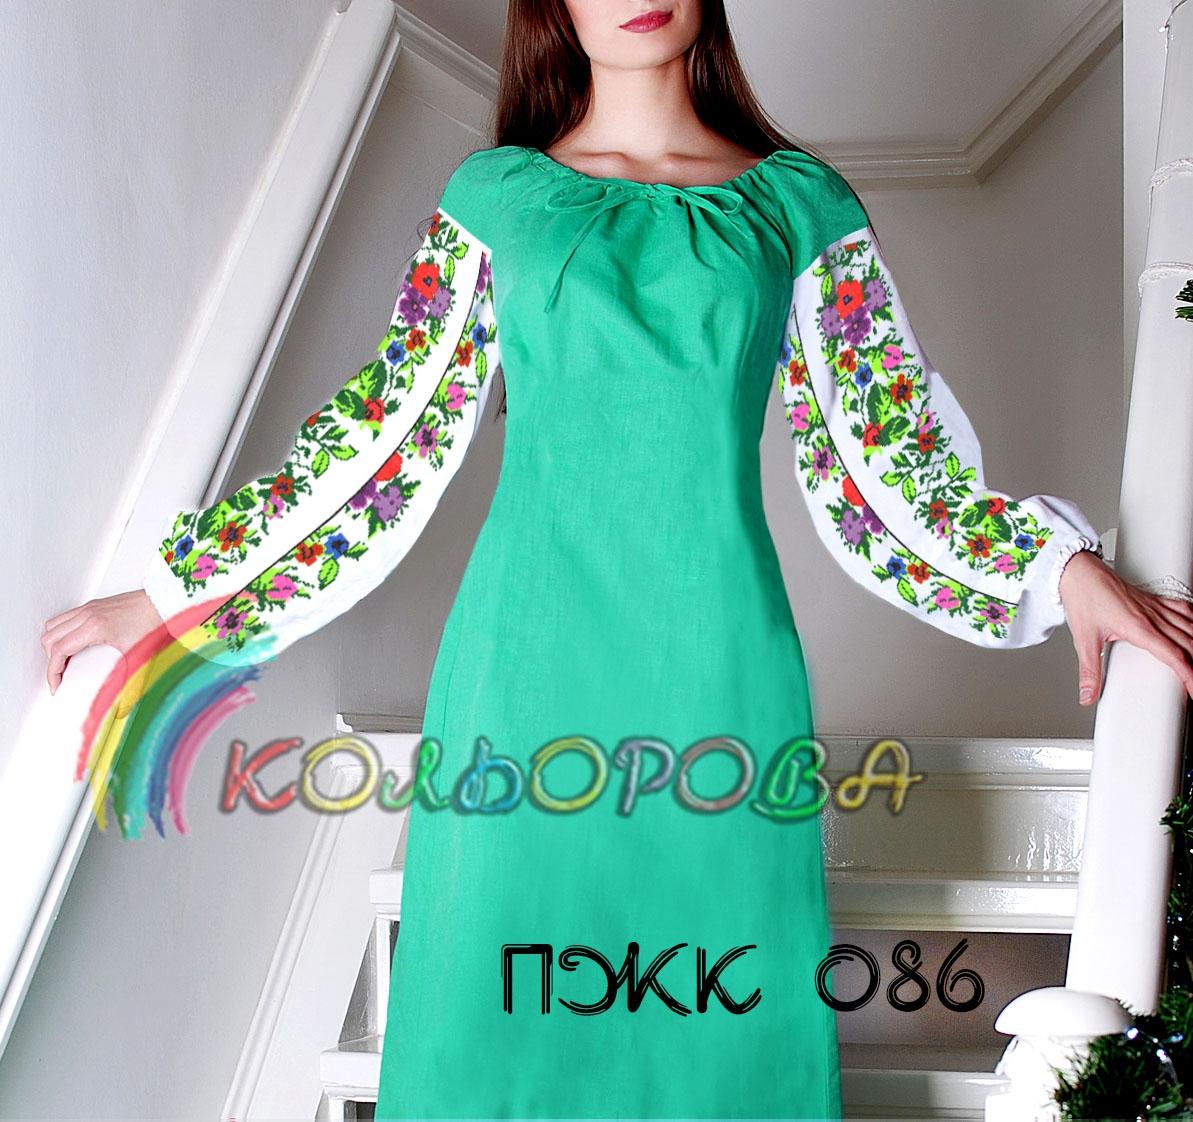 Заготовка під вишивку жіночого комбінованого плаття ПЖК-086 f4d97ecac851a